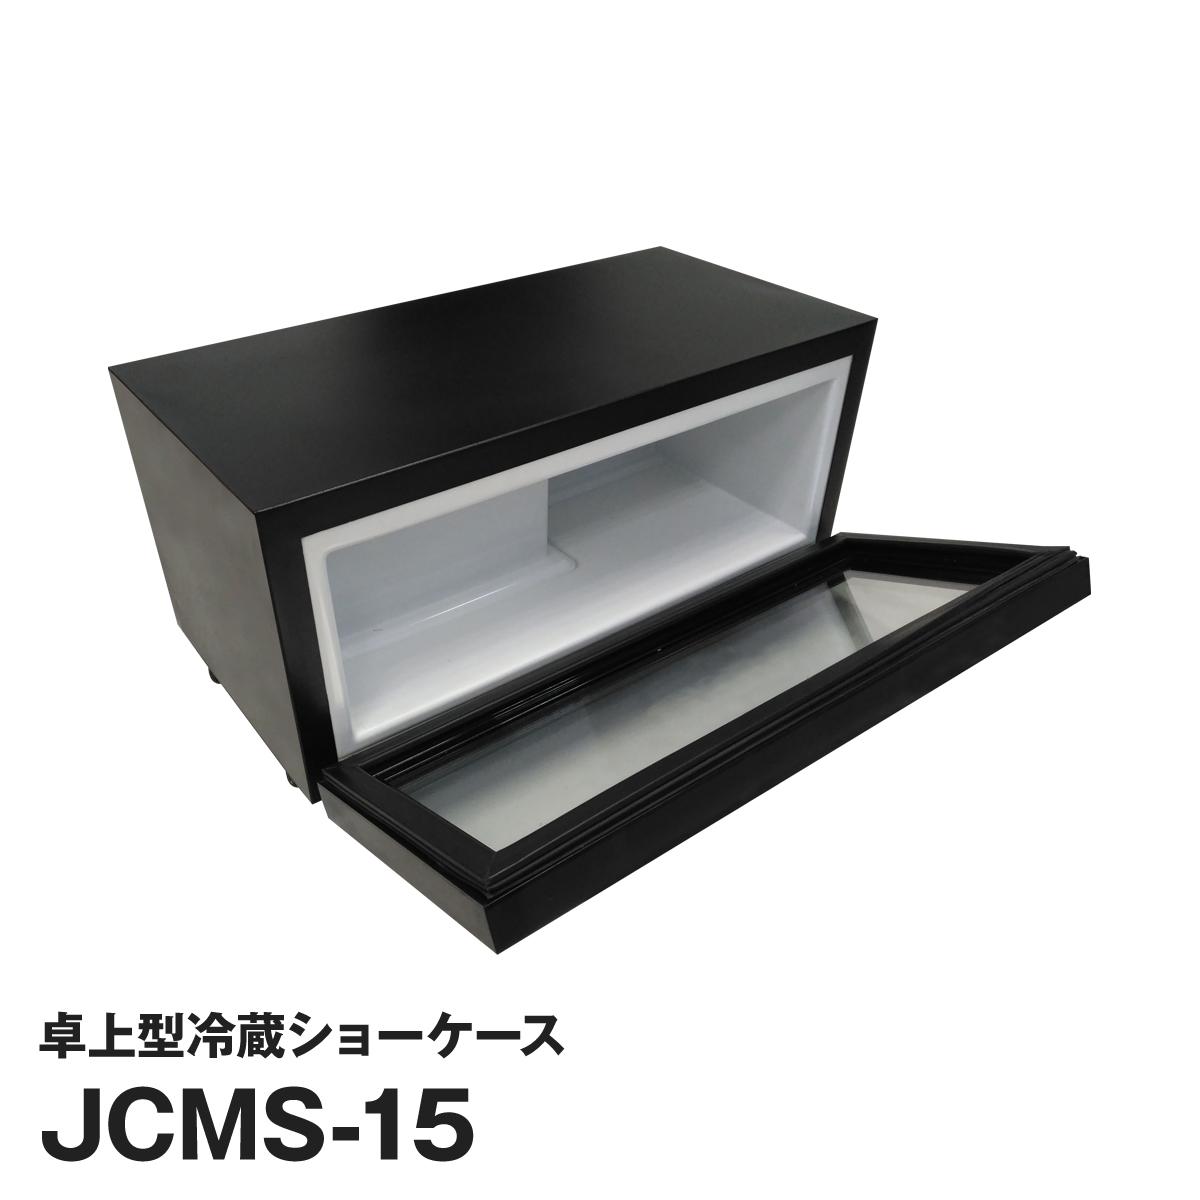 JCM社製 業務用 保冷庫 冷蔵庫 16L 卓上 冷蔵 ショーケース JCMS-16 新品